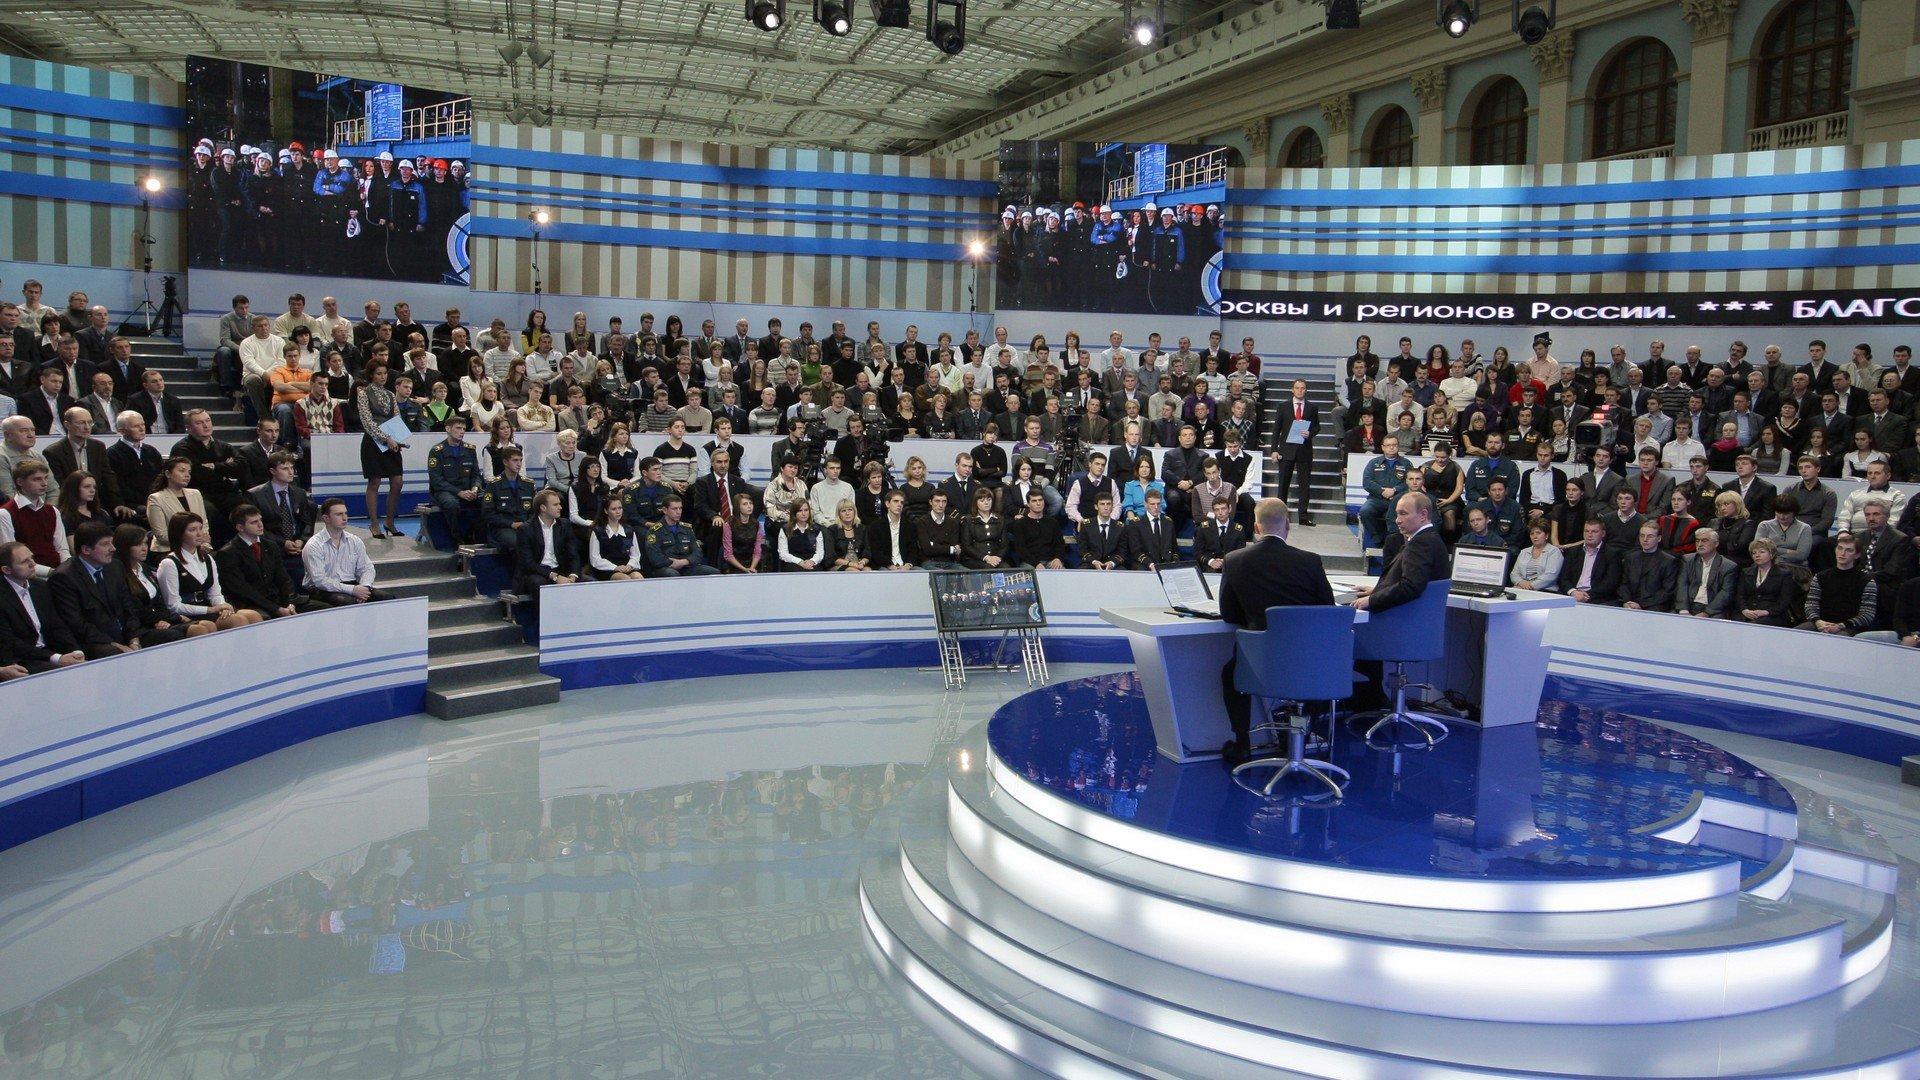 Les 10 moments les plus marquants des sessions annuelles de questions-réponses à Poutine